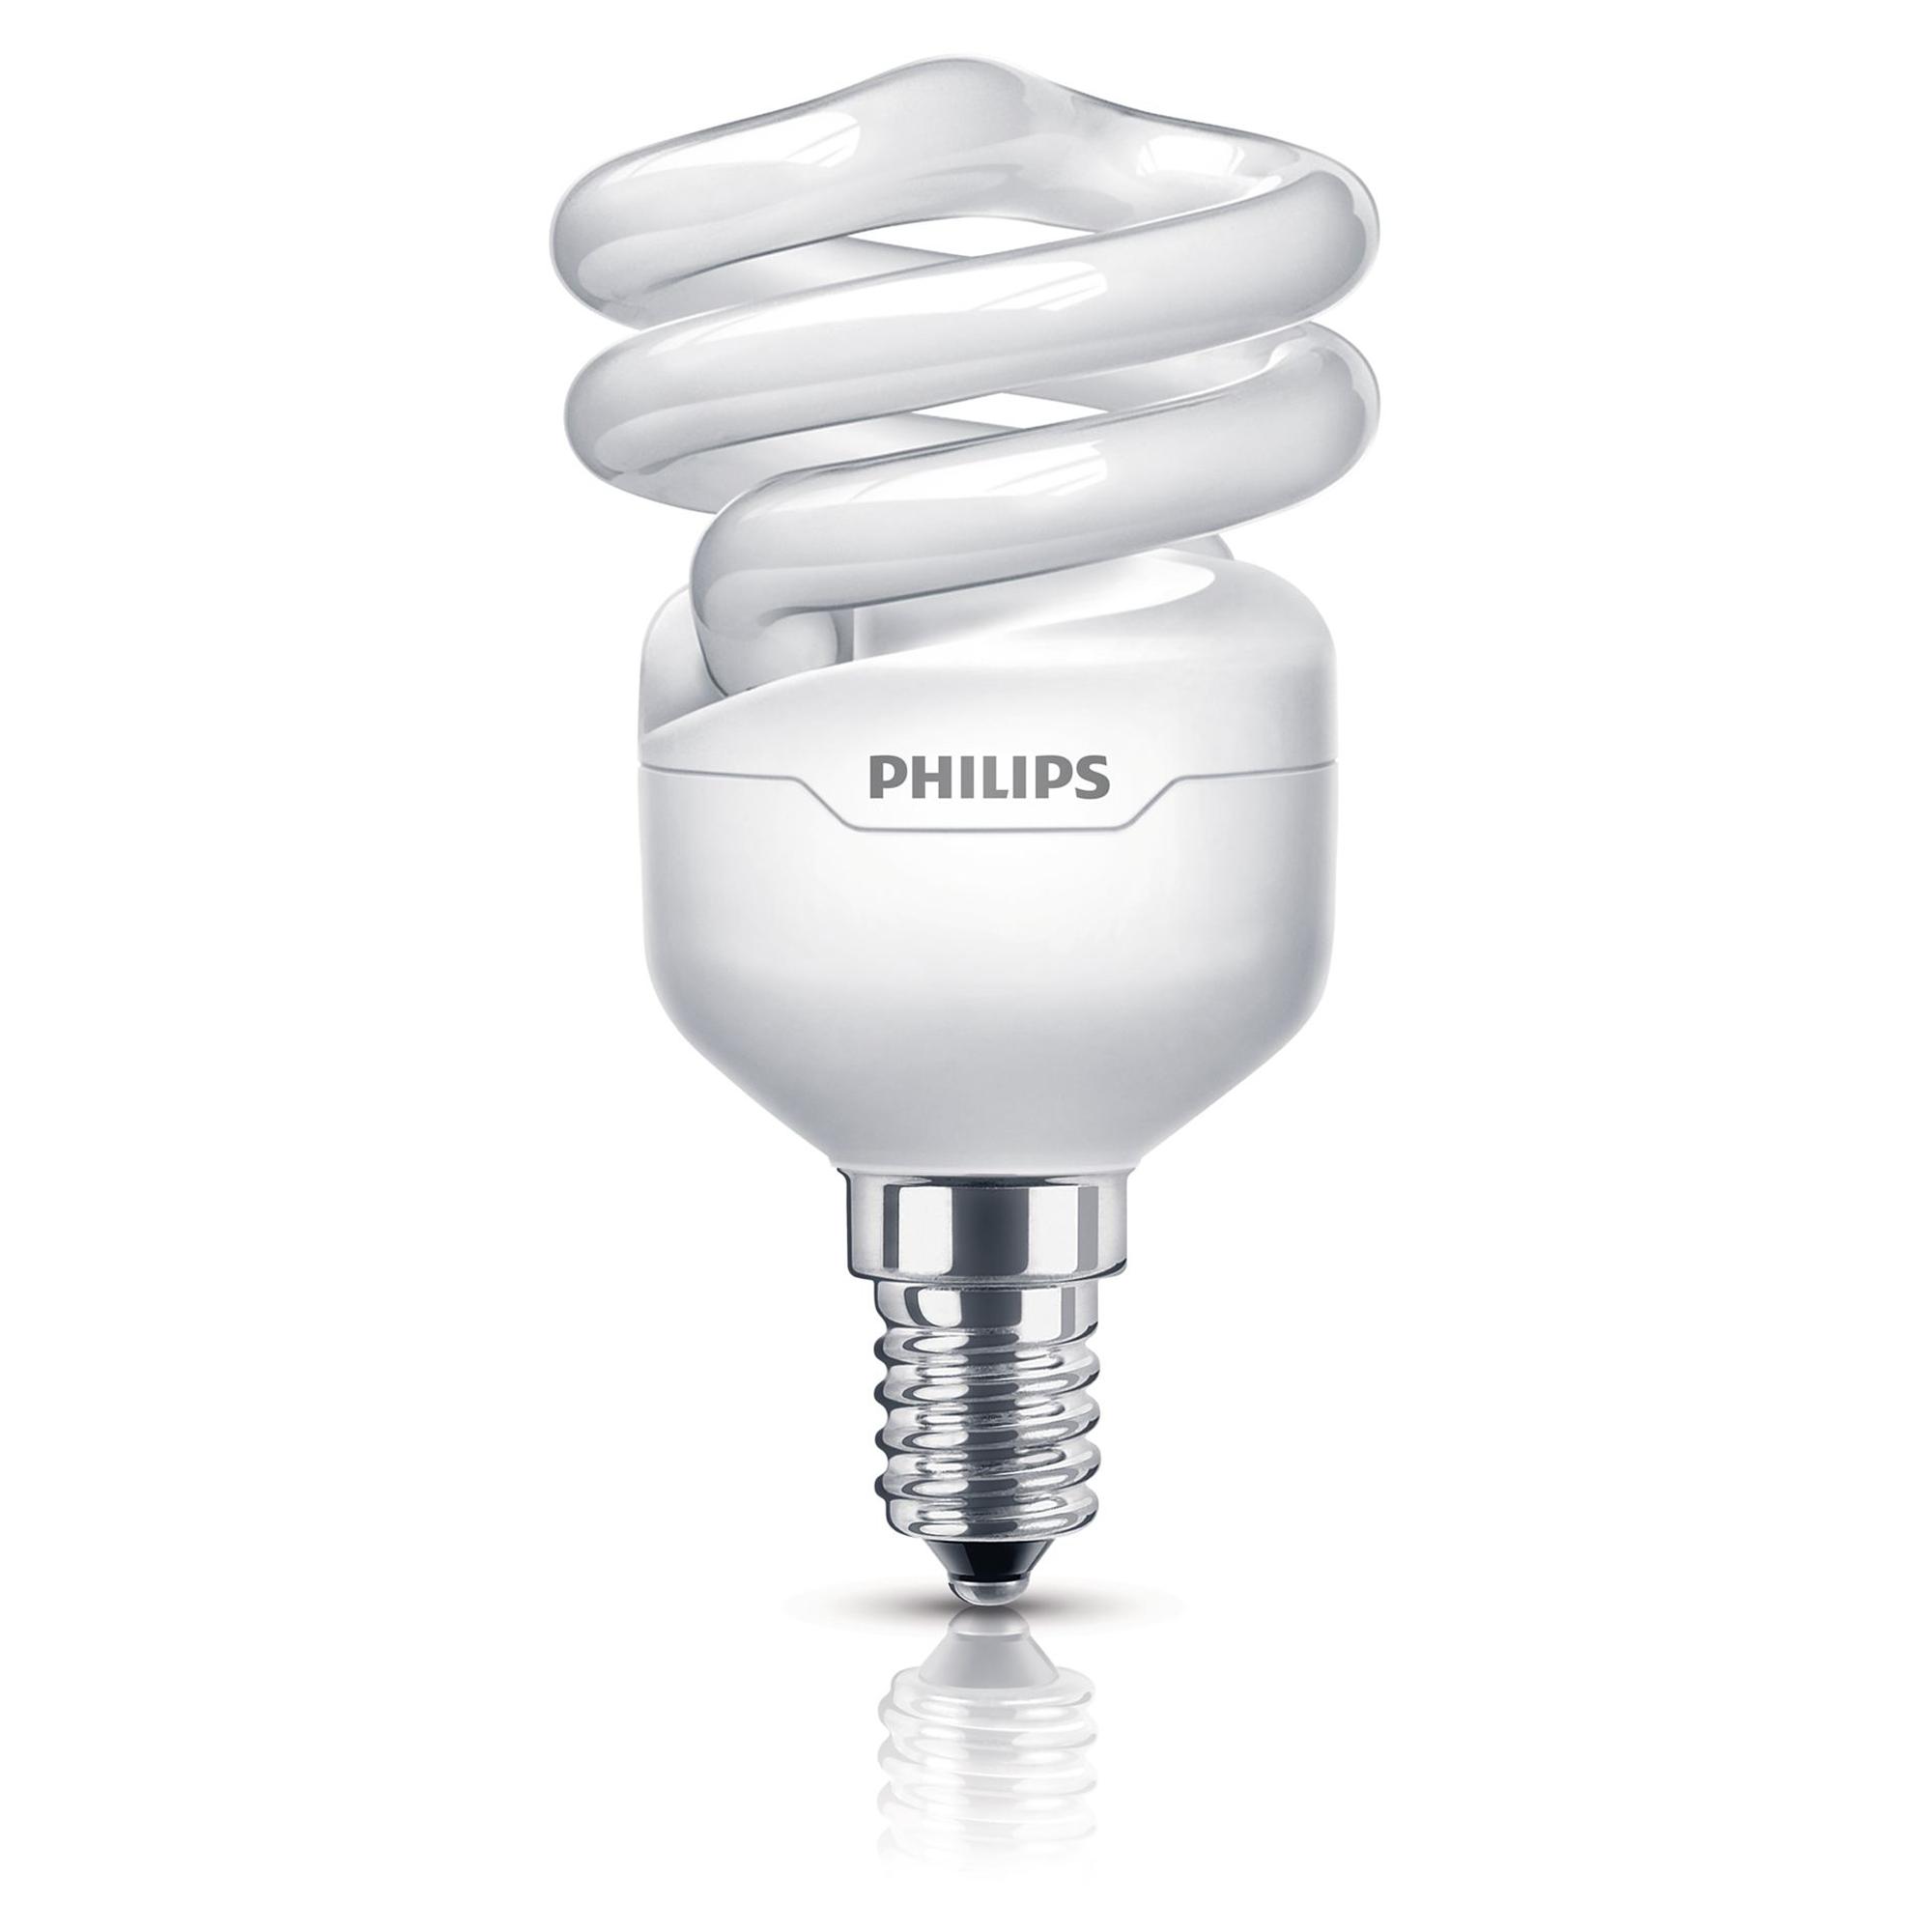 Philips Energiesparlampe 'Tornado' tageslichtweiß E14 12 W   Lampen > Leuchtmittel > Energiesparlampen   Philips